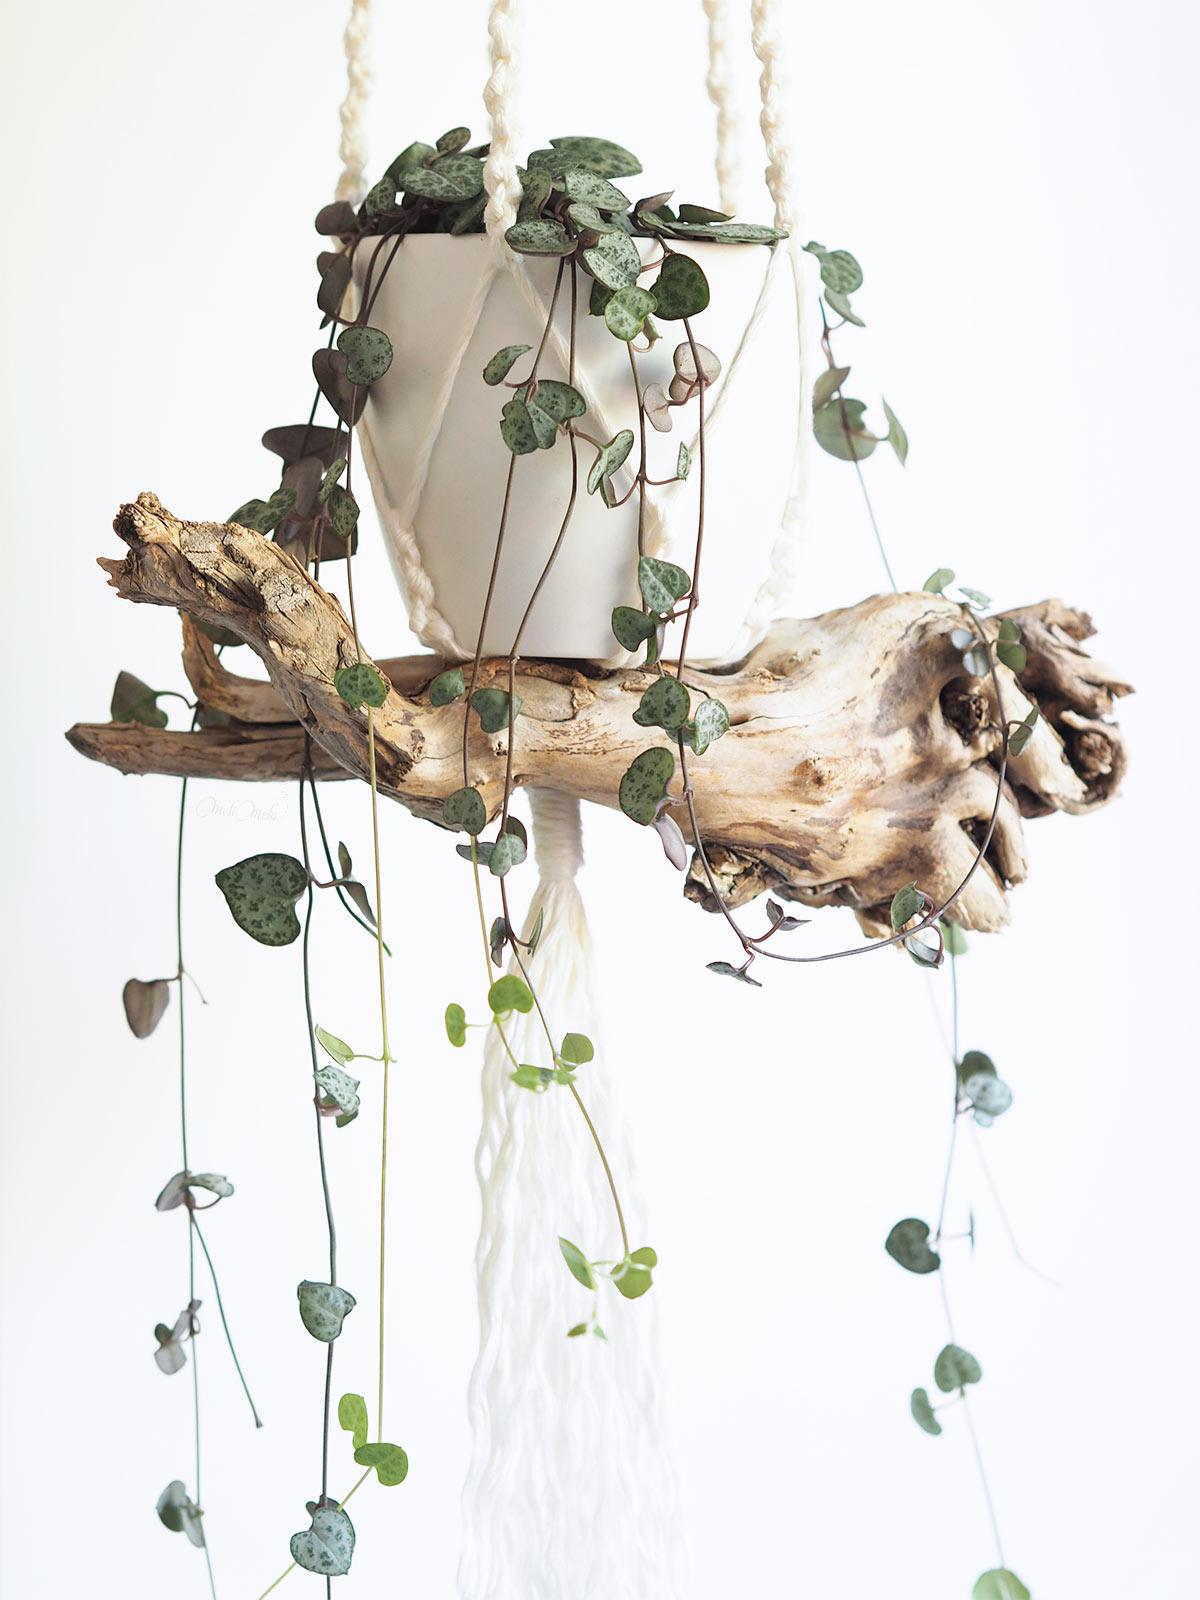 détail bois sculptural suspension macramé ceropegia woodii laboutiquedemelimelo